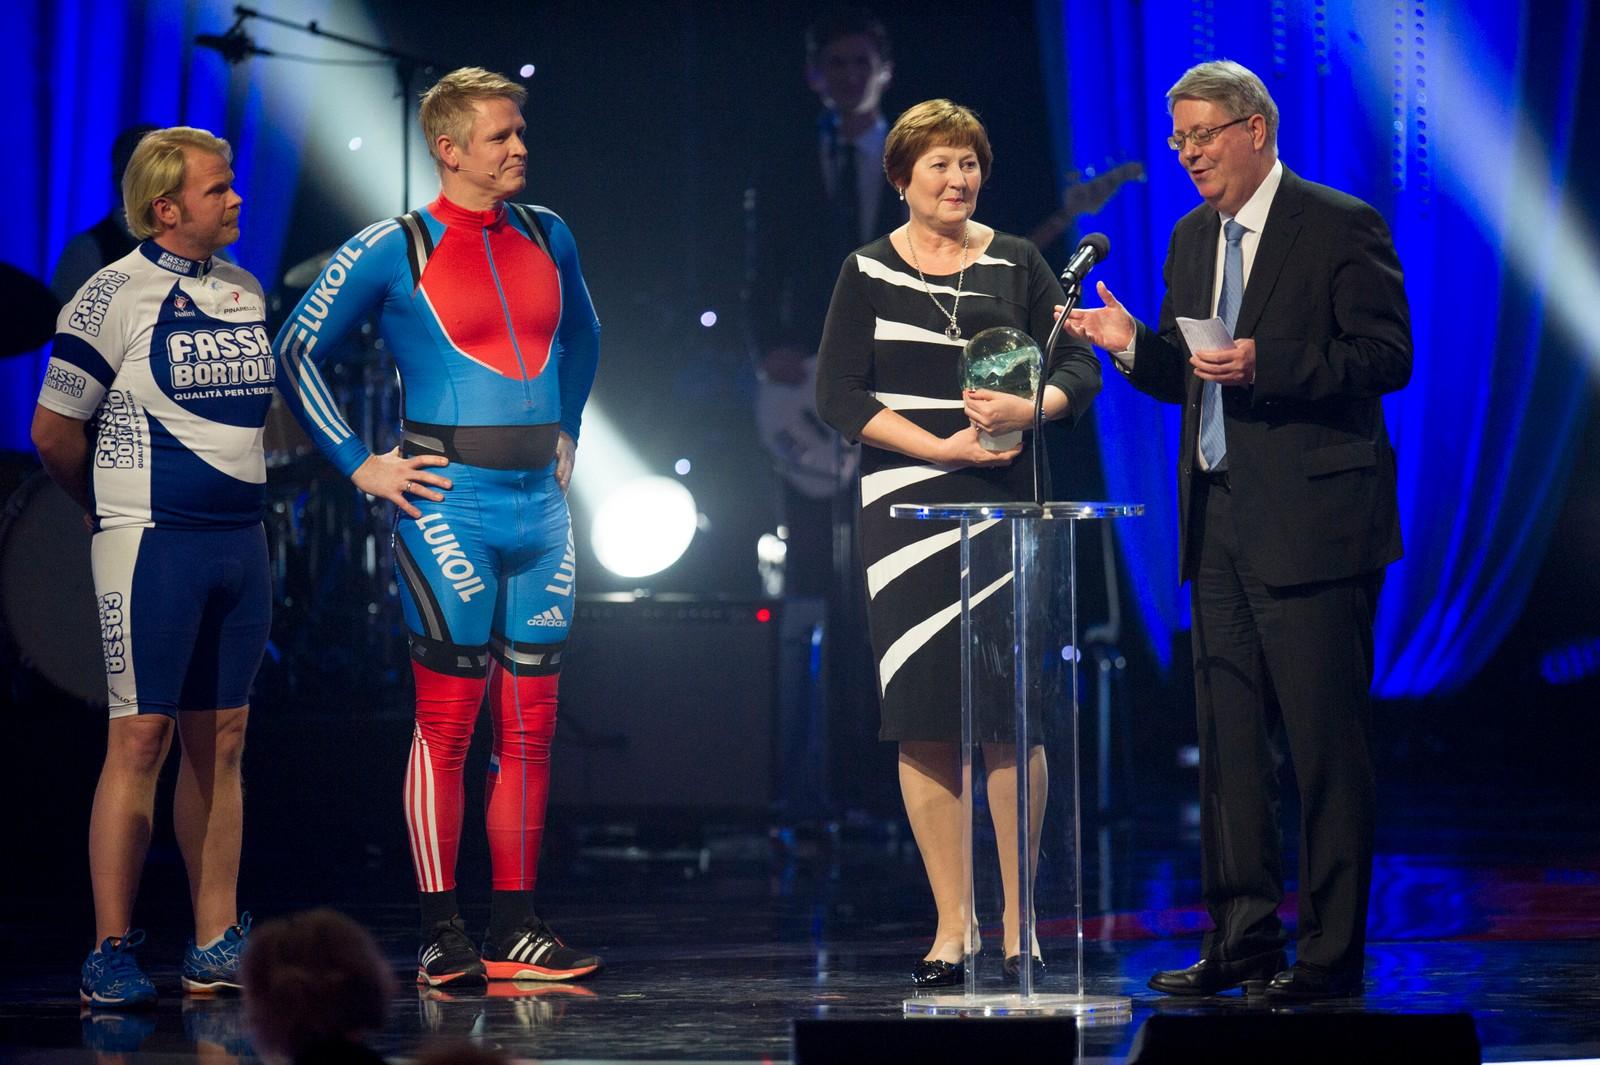 Svømmer Henrik Christiansen (her representert ved sine foreldre) mottok prisen for «Årets gjennombrudd» fra Anders Baasmo Christiansen og Trond Espen Seim.